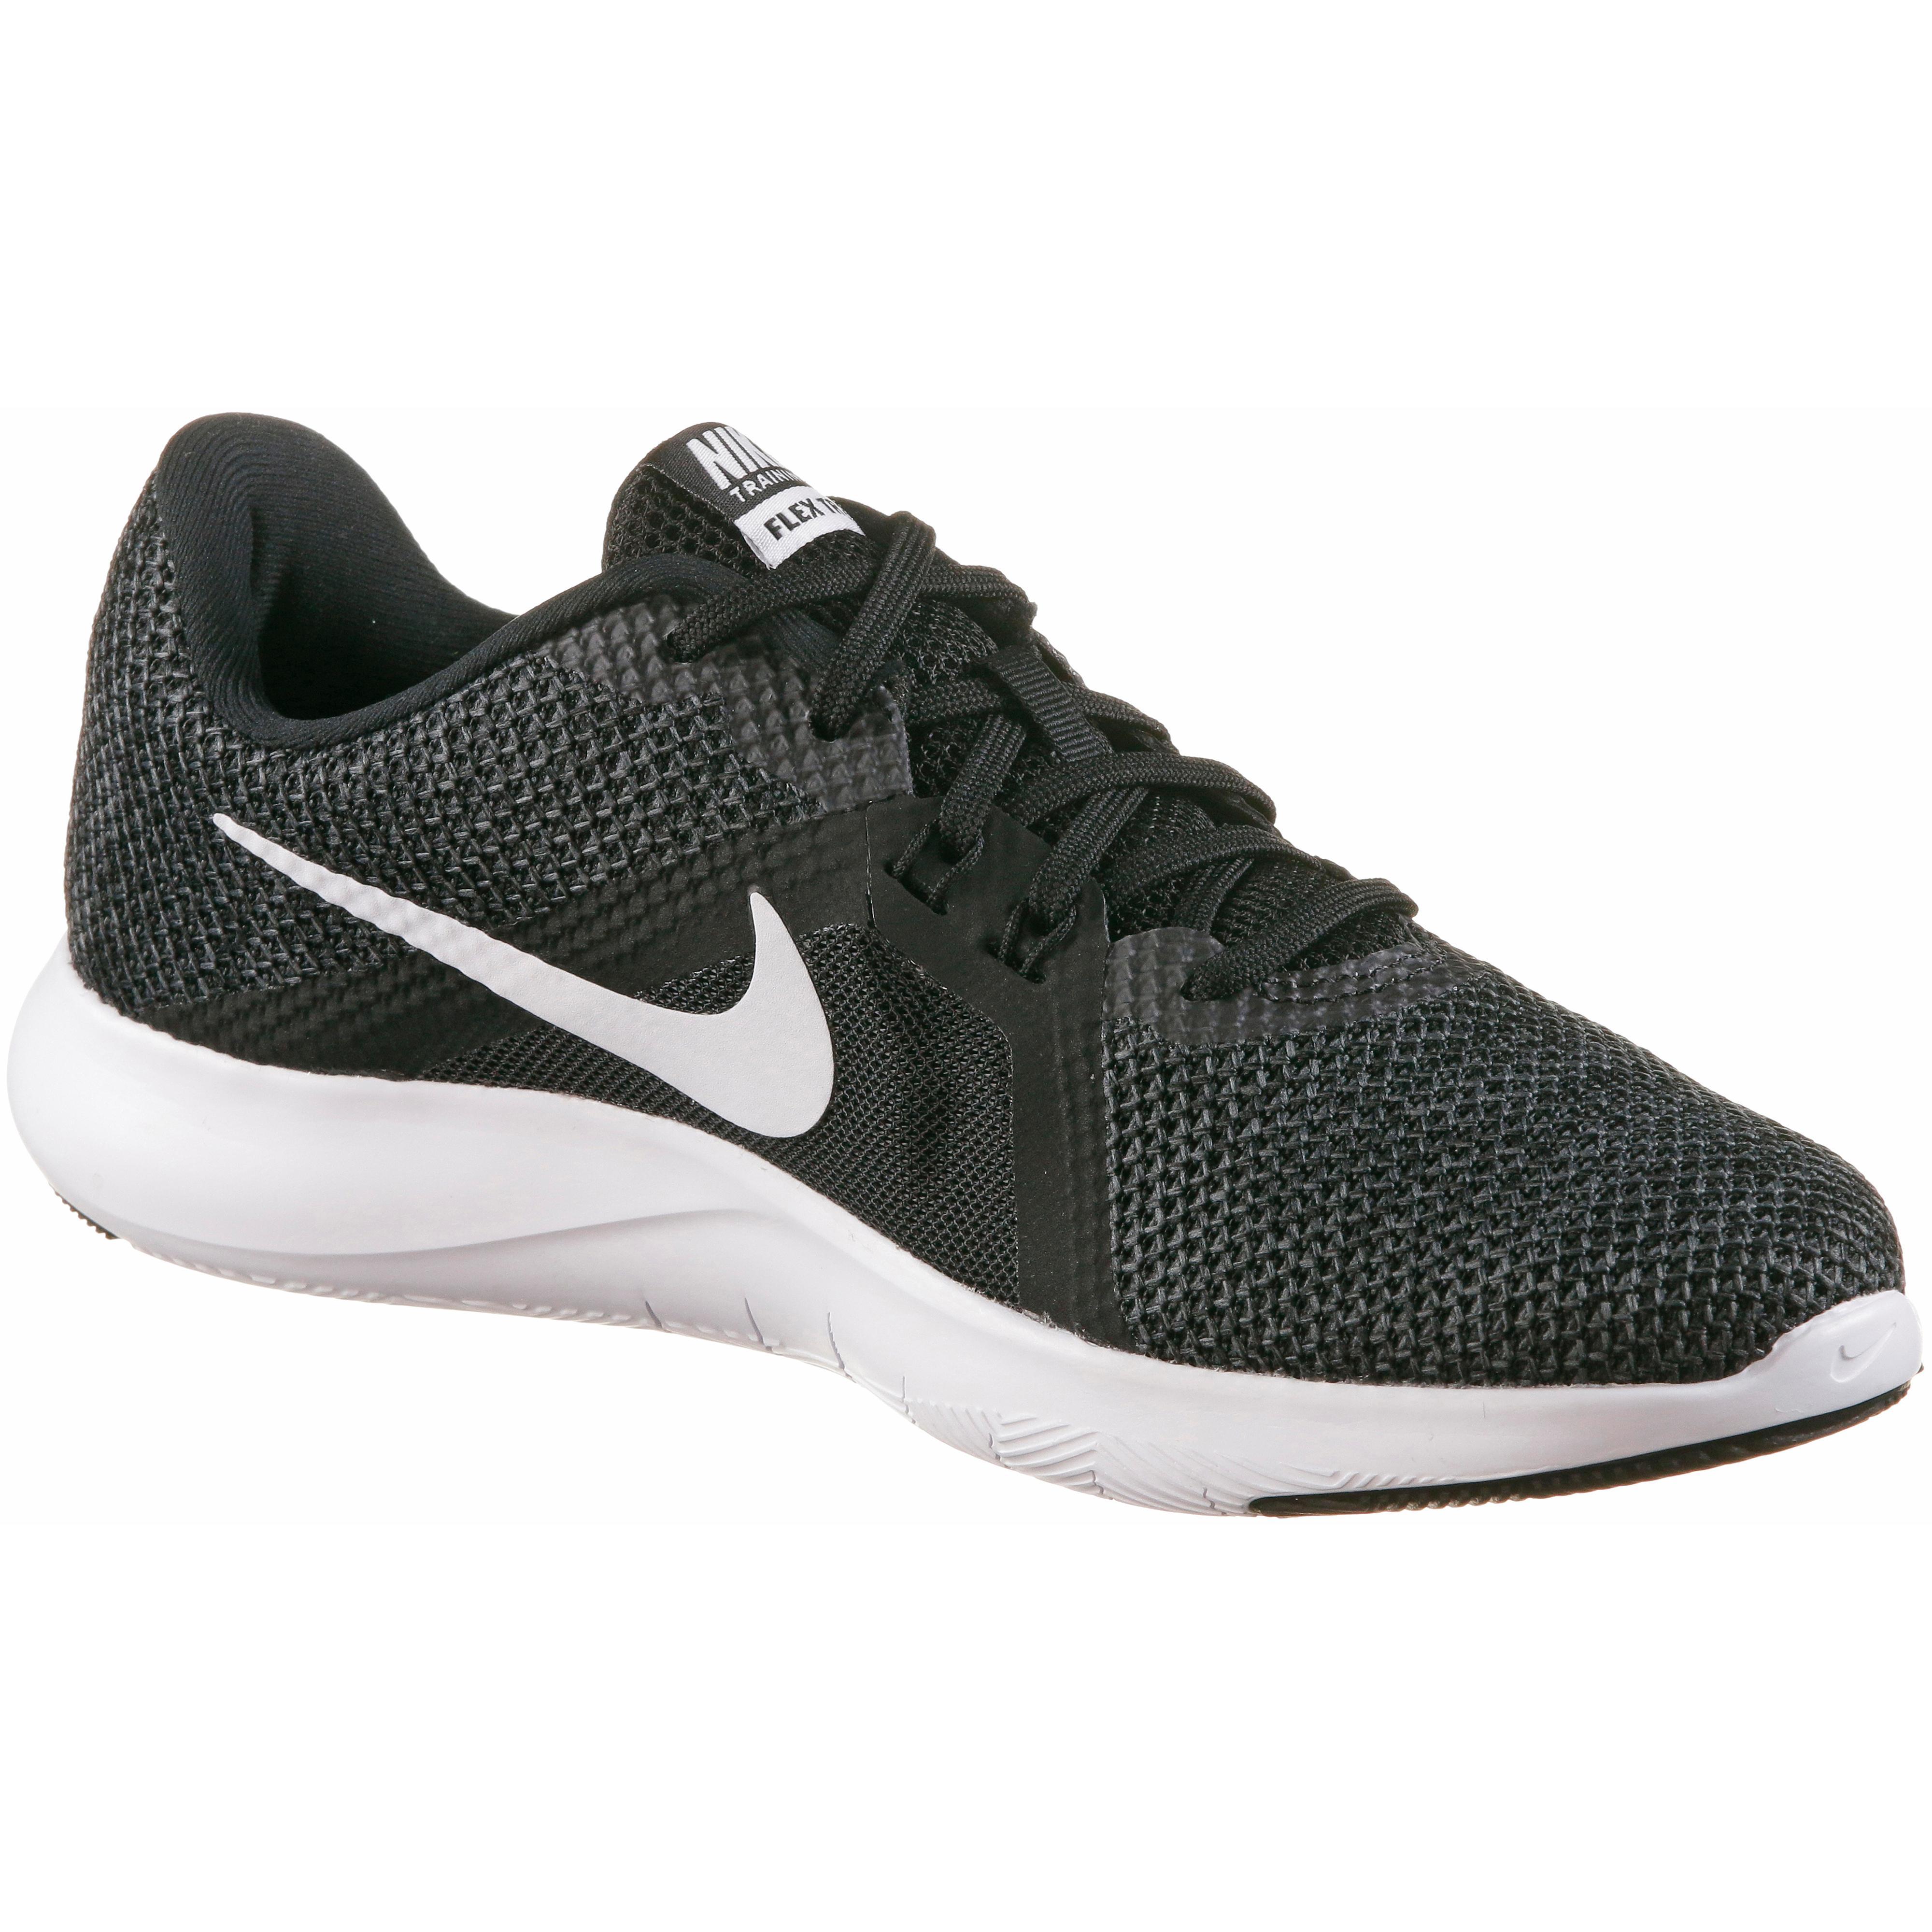 newest d6edf 5bc8b Nike Flex Trainer 8 Fitnessschuhe Damen black-white-anthracite im Online  Shop von SportScheck kaufen